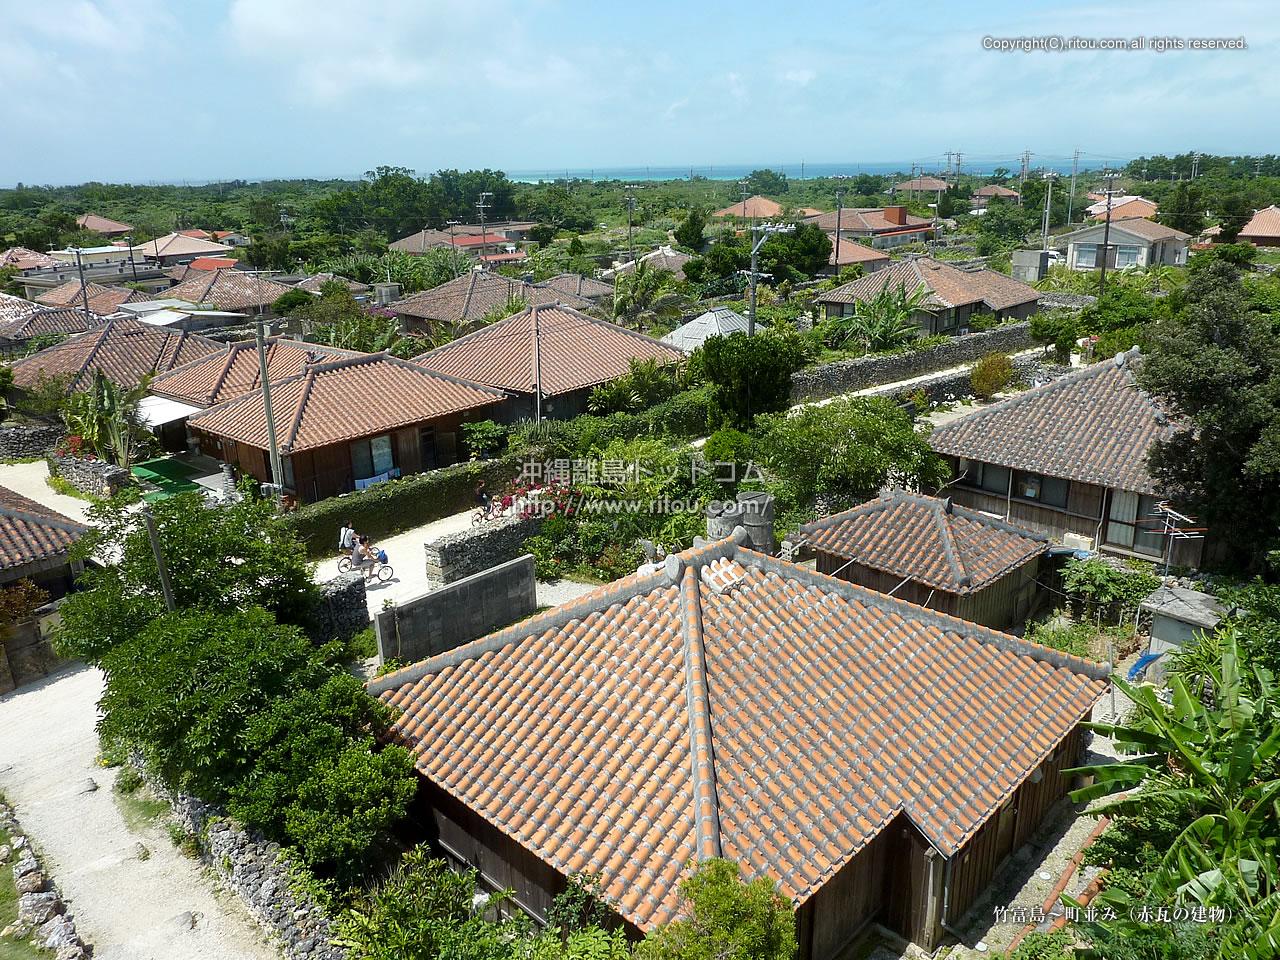 竹富島〜町並み(赤瓦の建物)